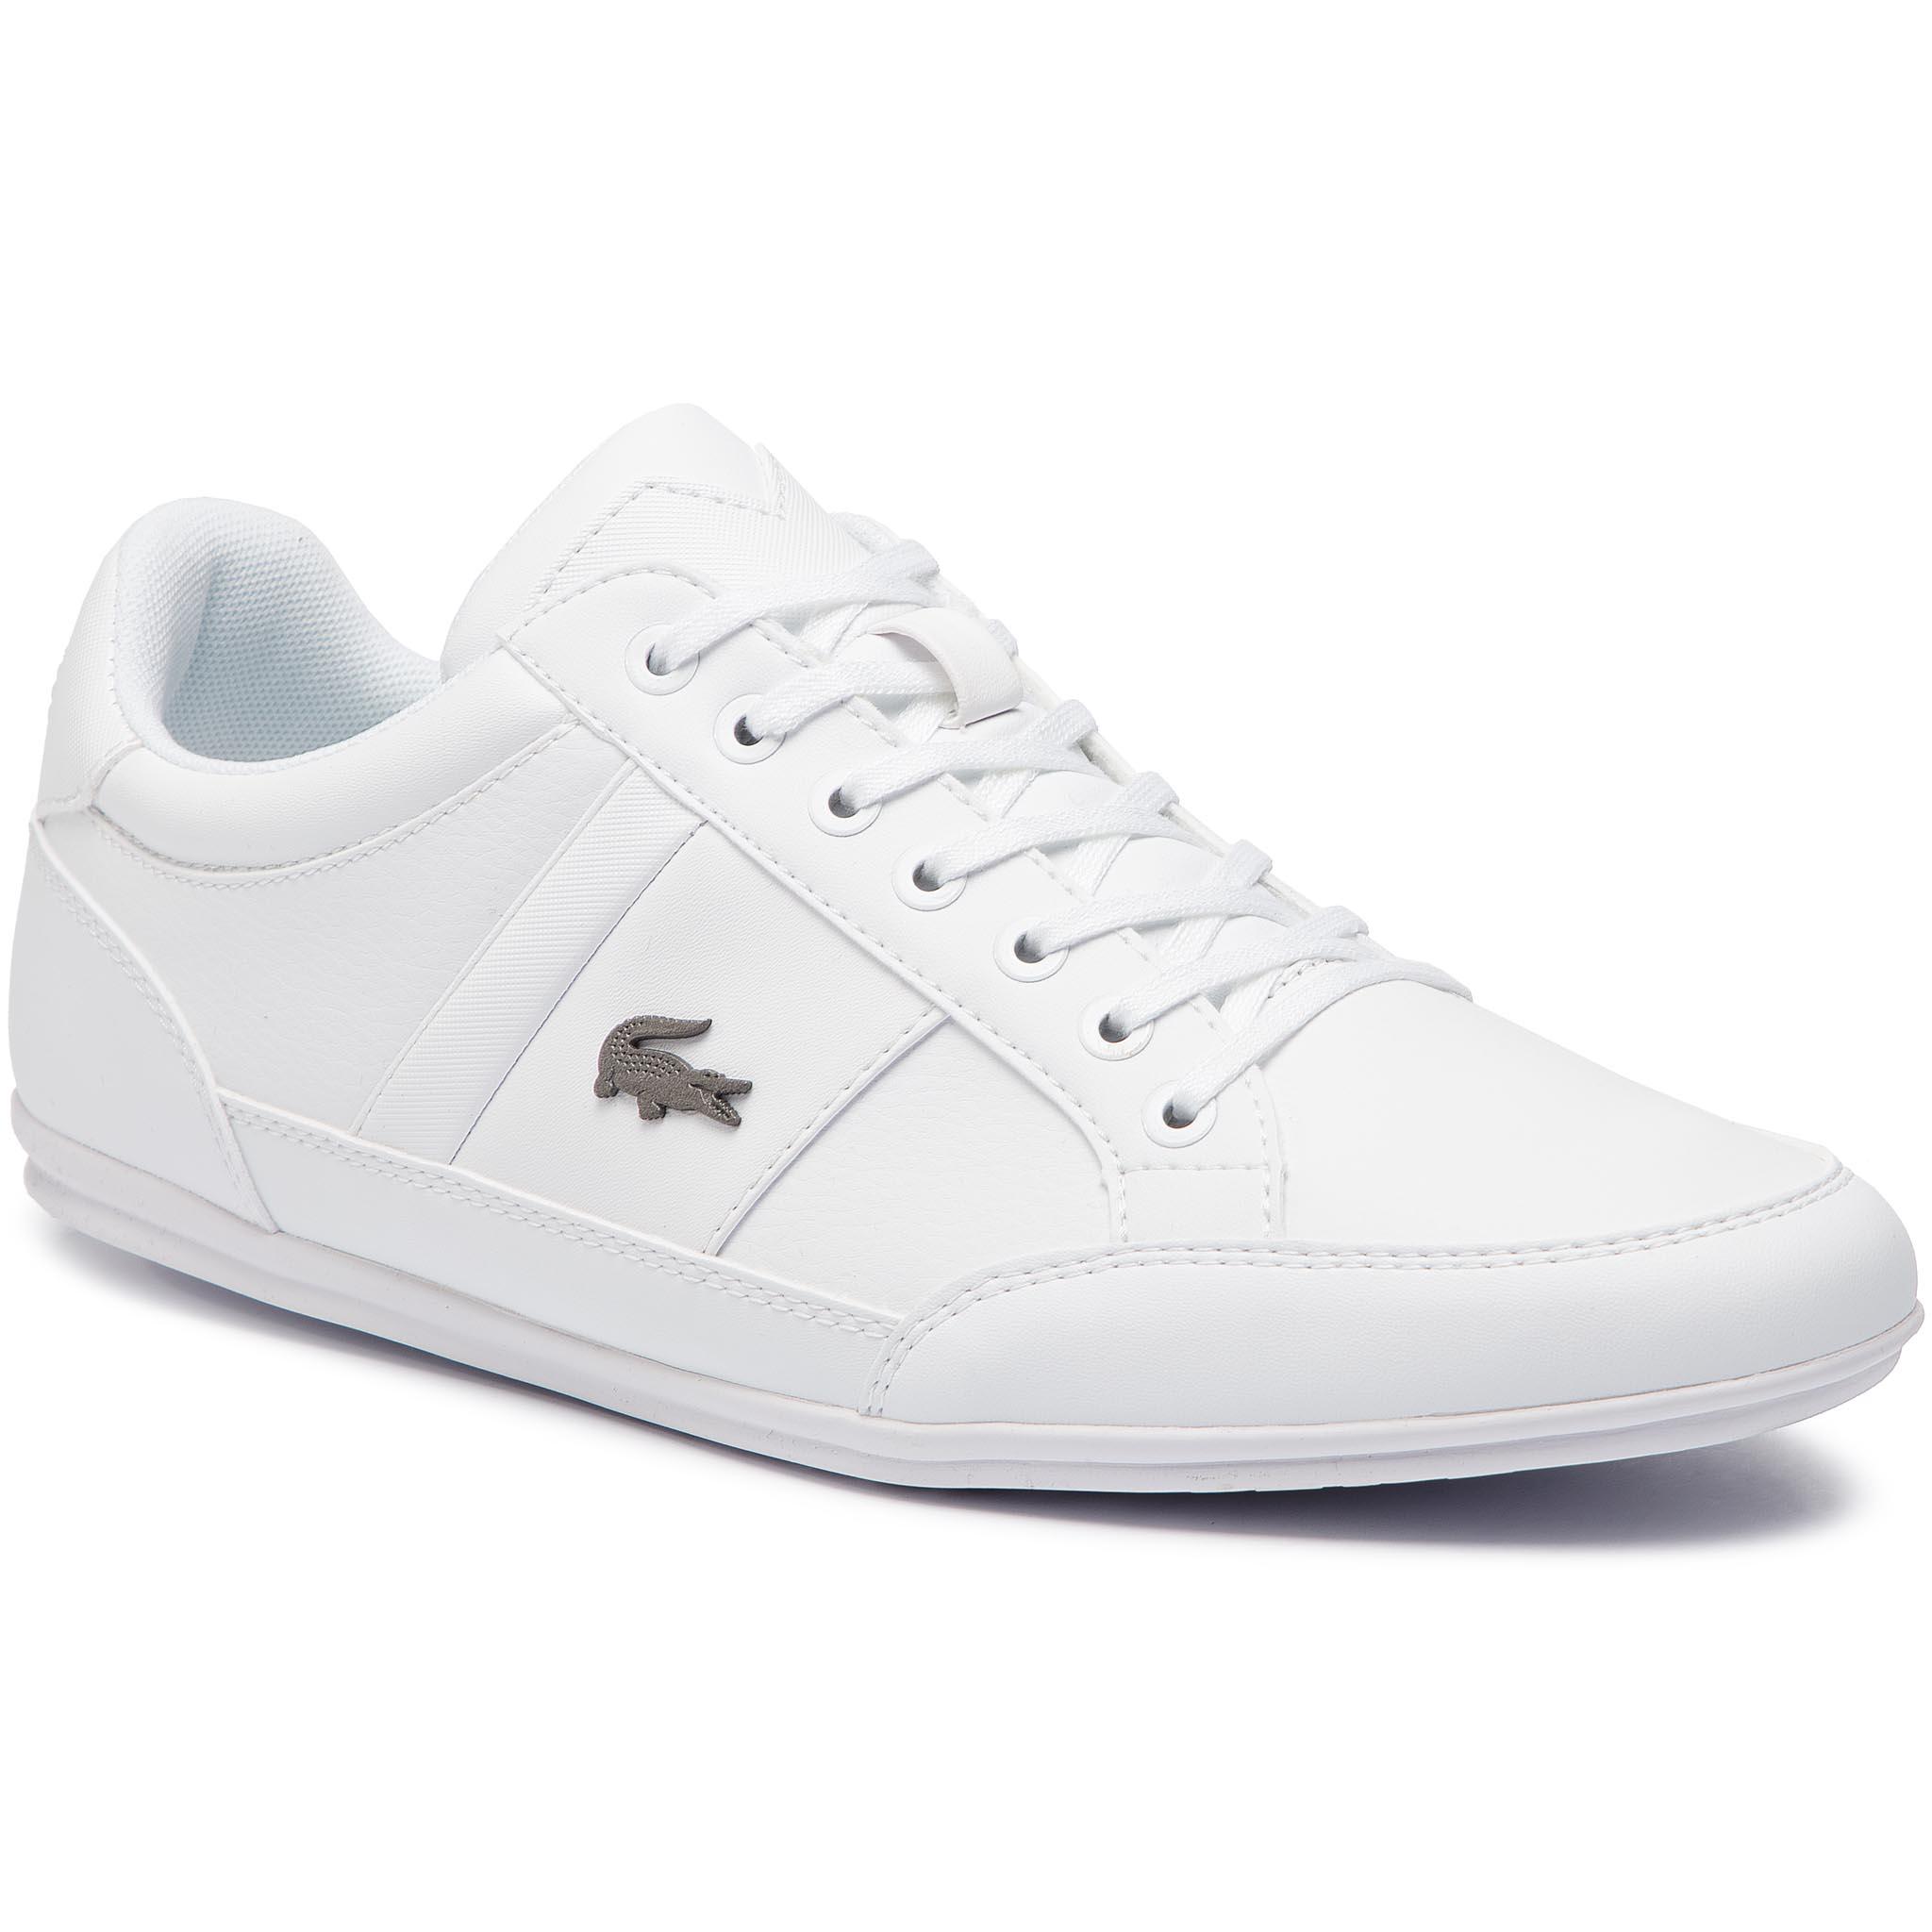 Sneakersy LACOSTE - Chaymon Bl 1 Cma 7-37CMA009421G Wht Wht - Glami.sk bb685e4c5db